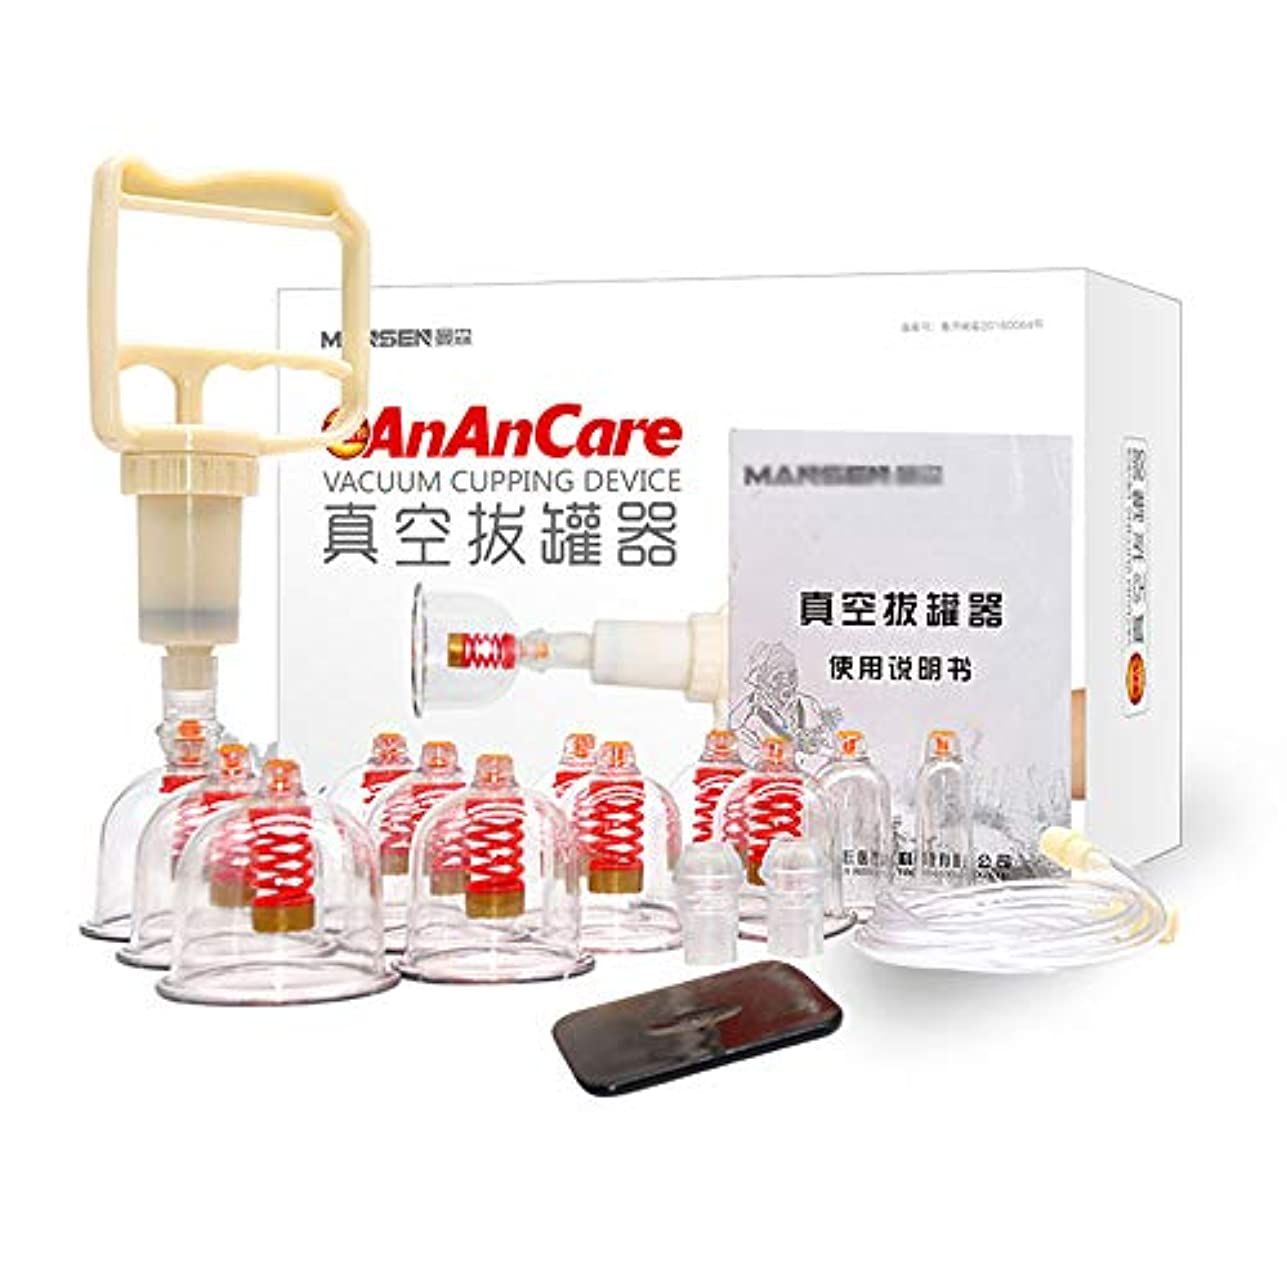 アリーナオールピルファーカッピング装置 - 専門のカッピング治療装置12個のカップは、大人と高齢者に適したポンプとエクステンションチューブでセット 美しさ